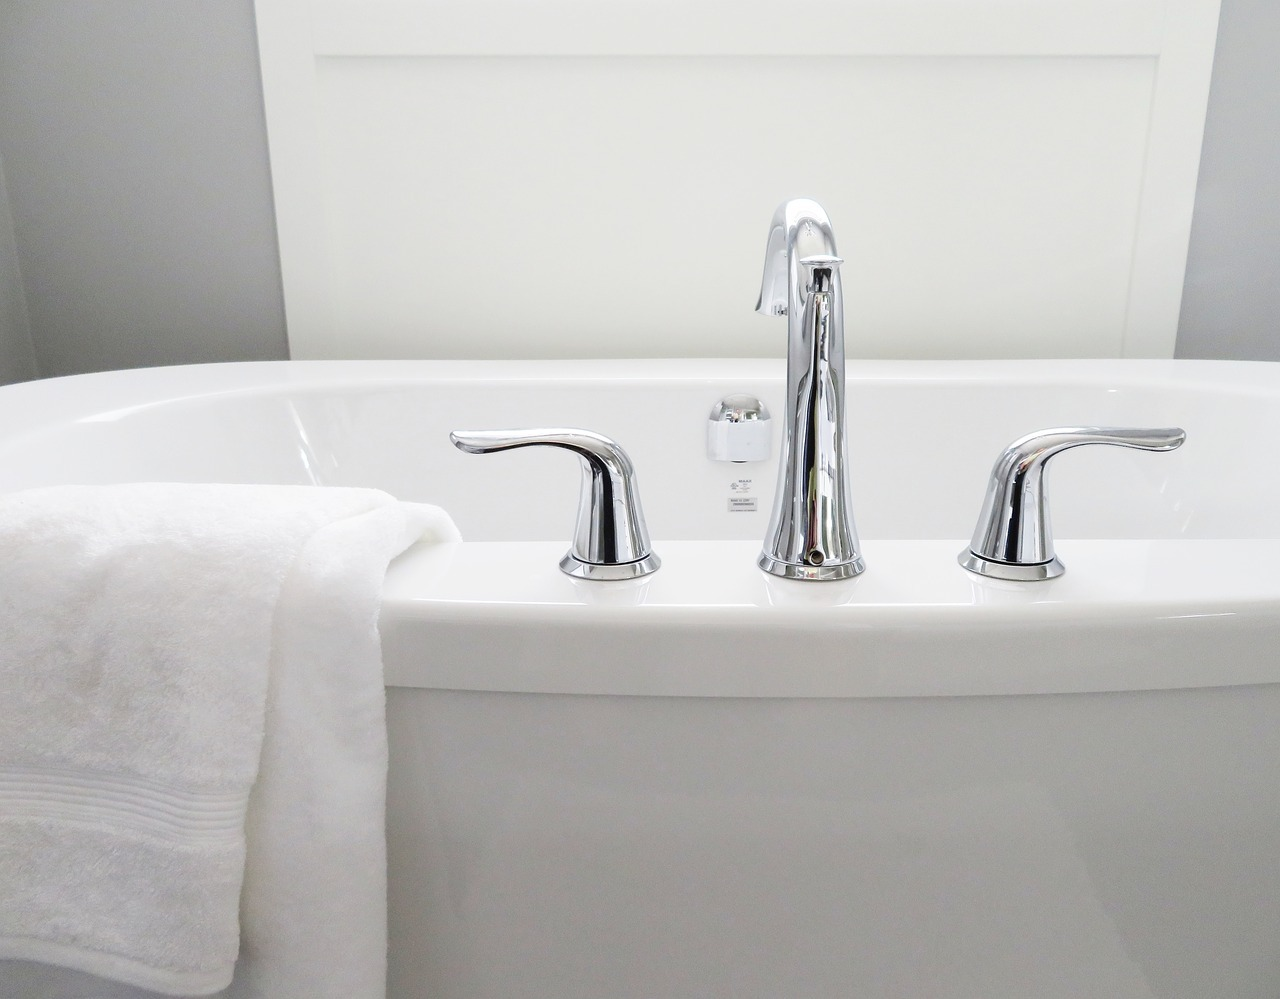 Ein heißes Bad kann Muskelverspannungen lösen.